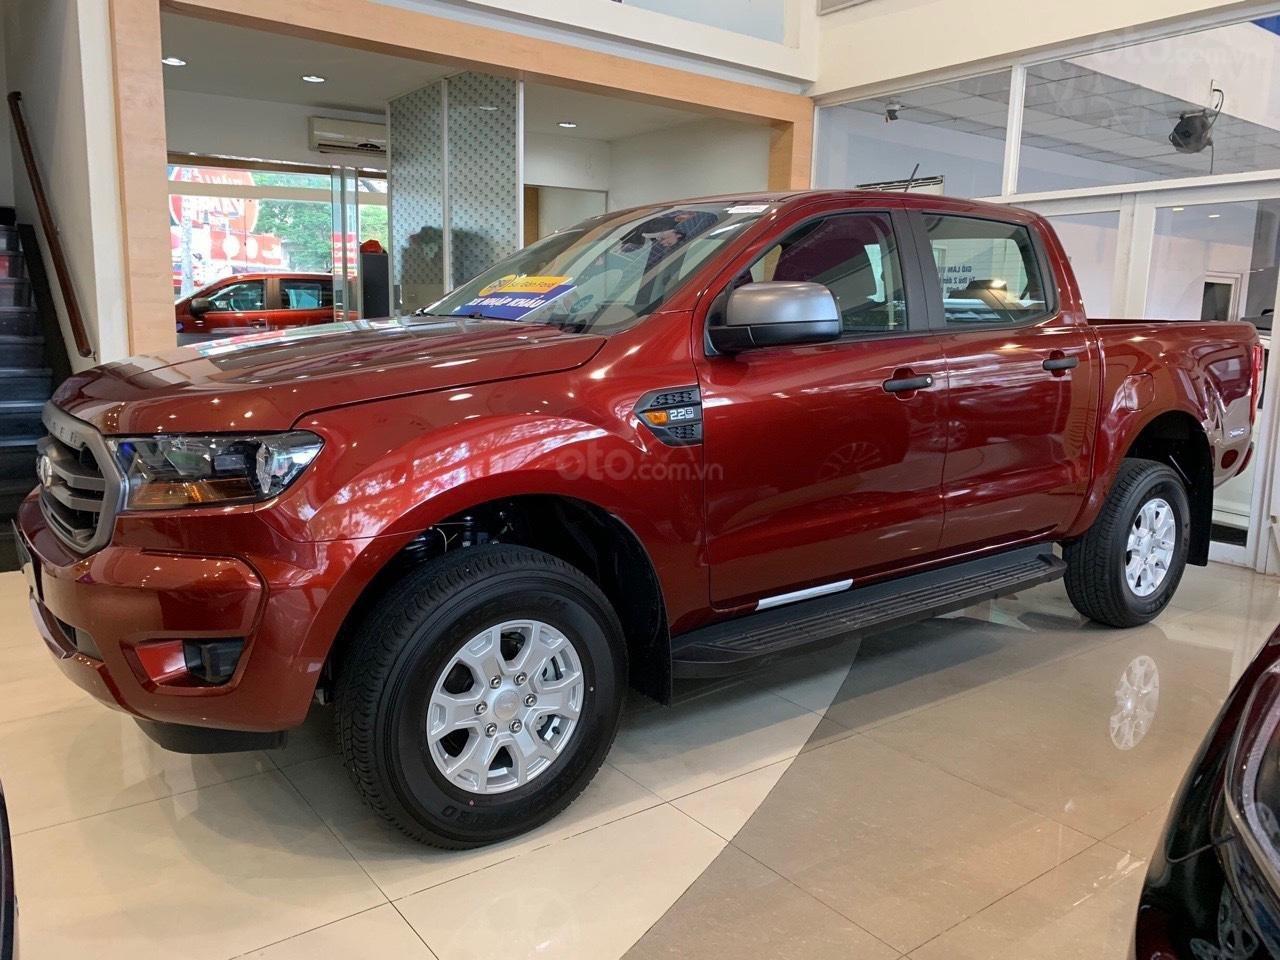 Ford Ranger XLS khuyến mãi lớn trong tháng và tặng phụ kiện (3)